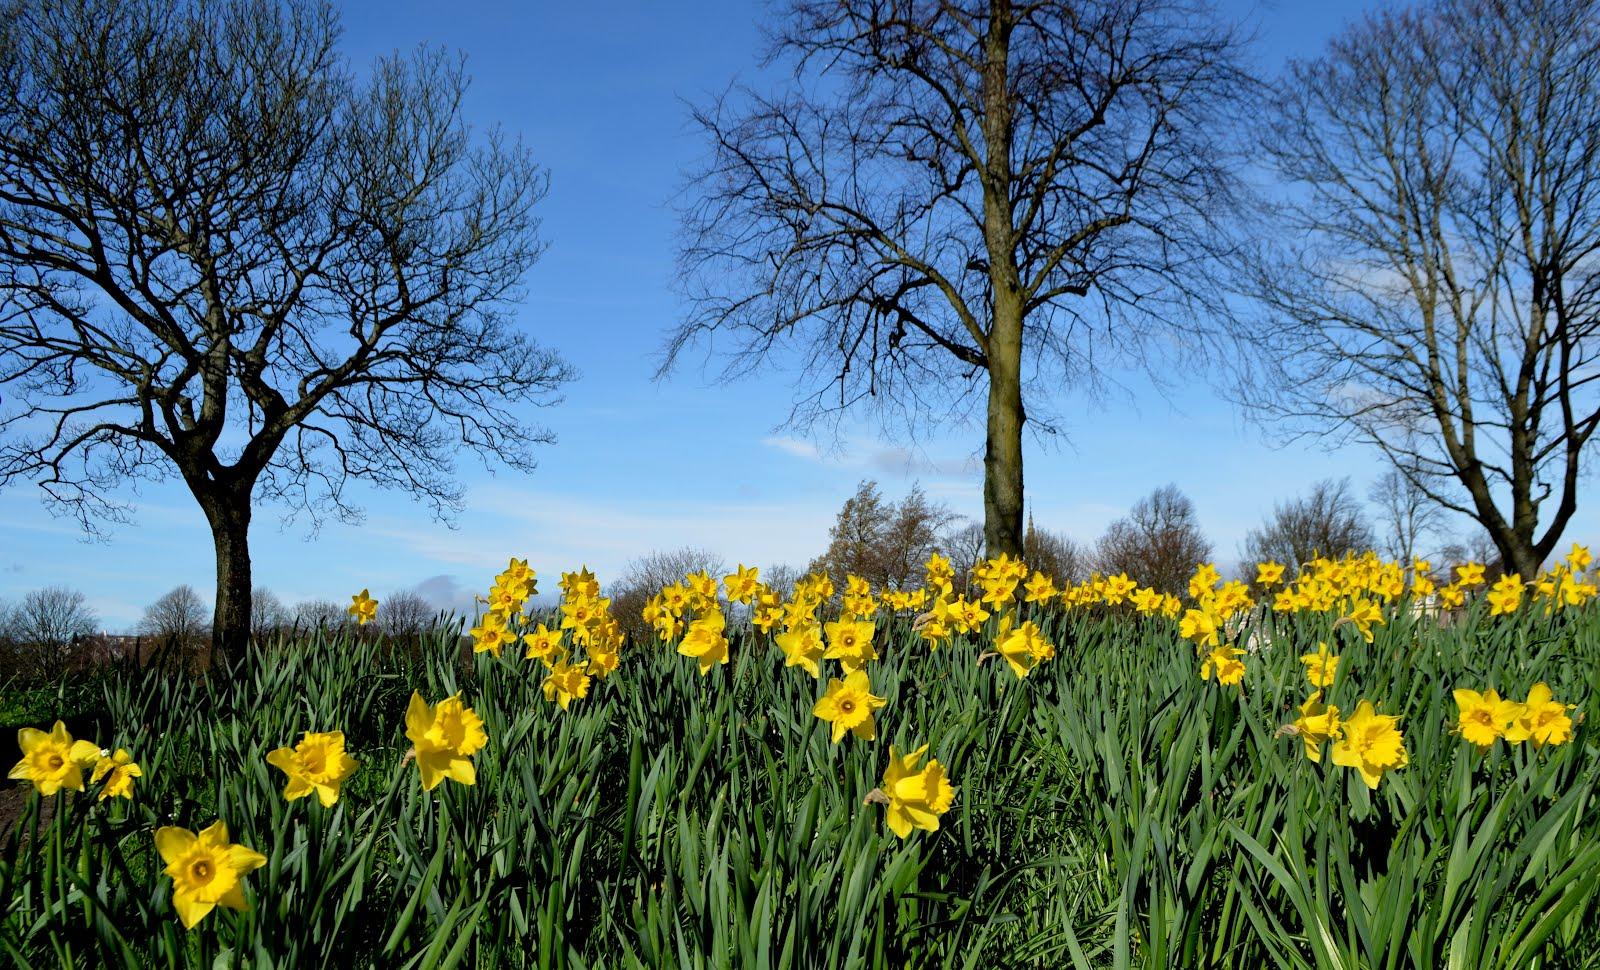 siti di incontri Perthshire Scozia